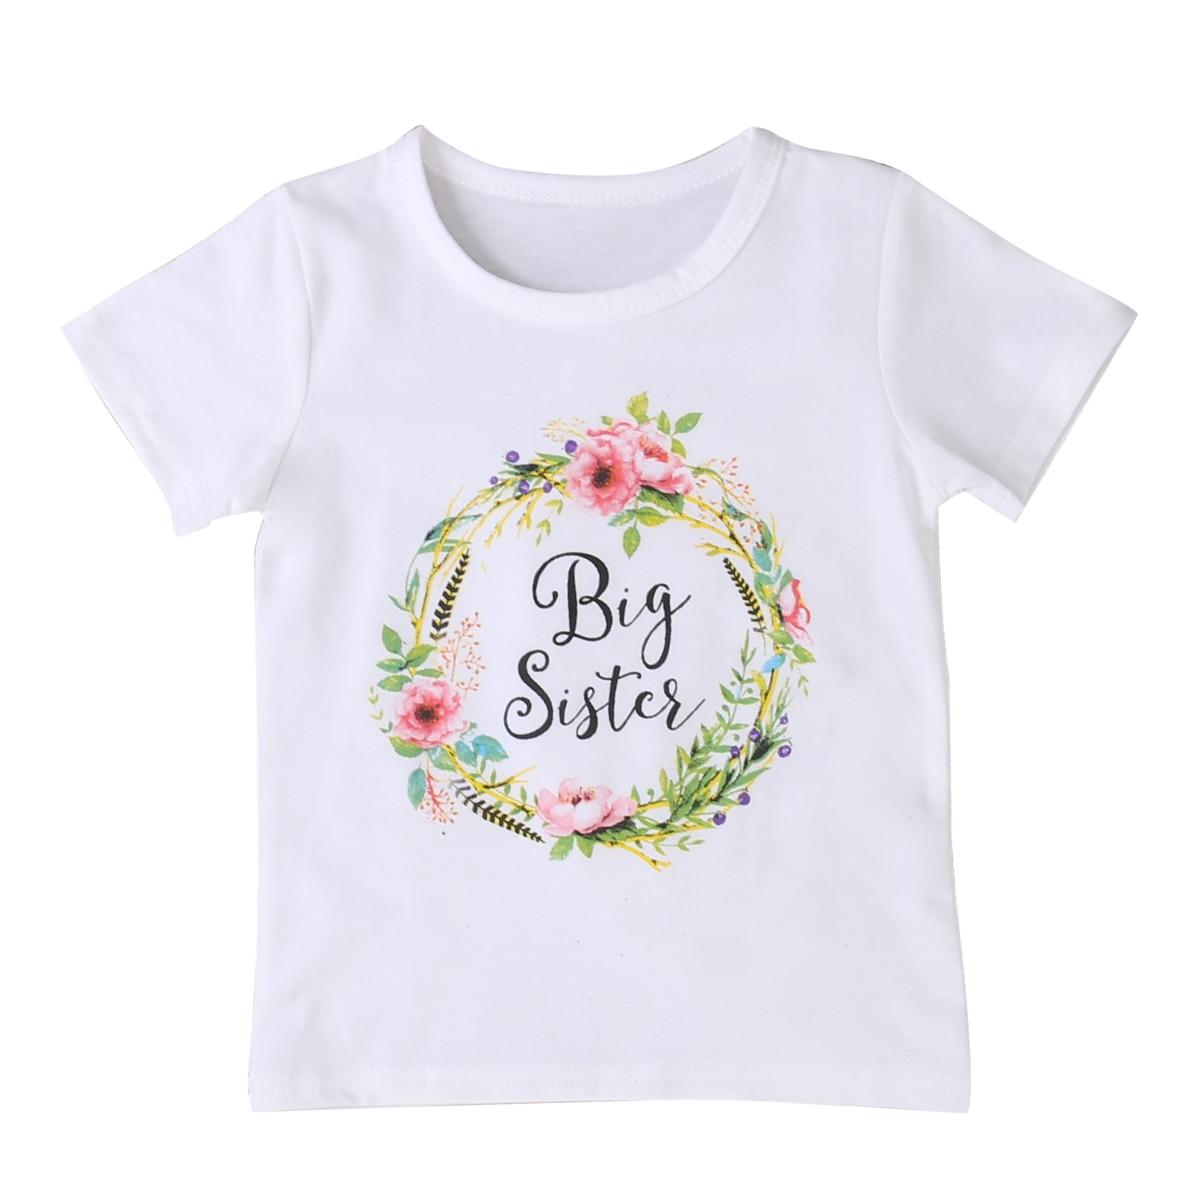 Sourozenecká trička Little Sister & Big Sister – IHNED ODESÍLÁME